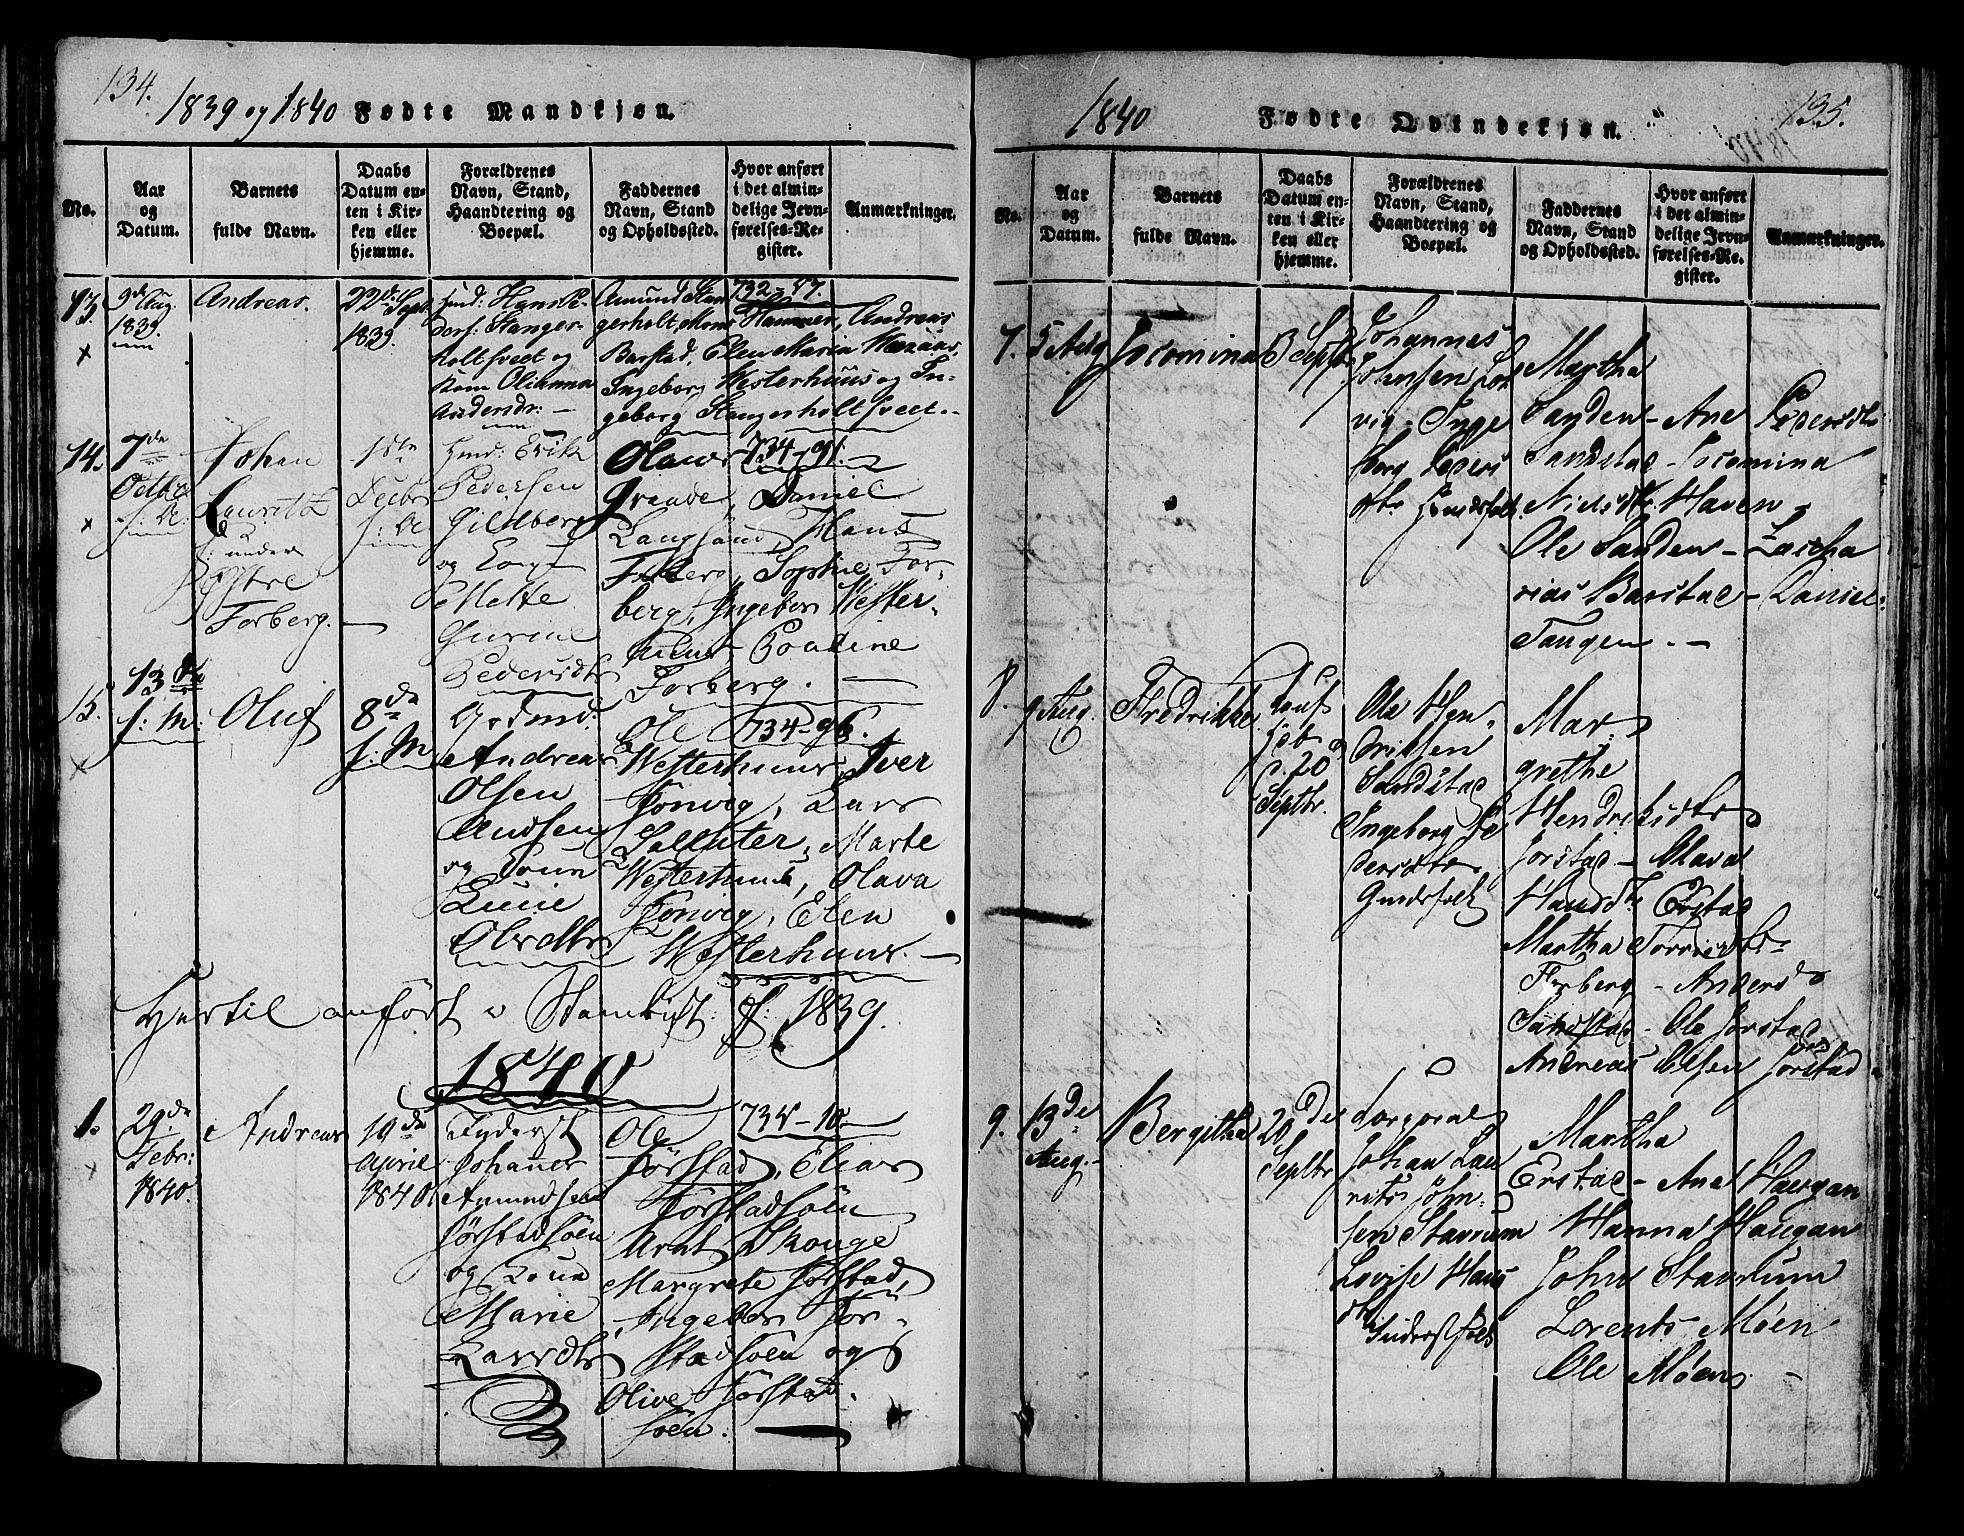 SAT, Ministerialprotokoller, klokkerbøker og fødselsregistre - Nord-Trøndelag, 722/L0217: Ministerialbok nr. 722A04, 1817-1842, s. 134-135